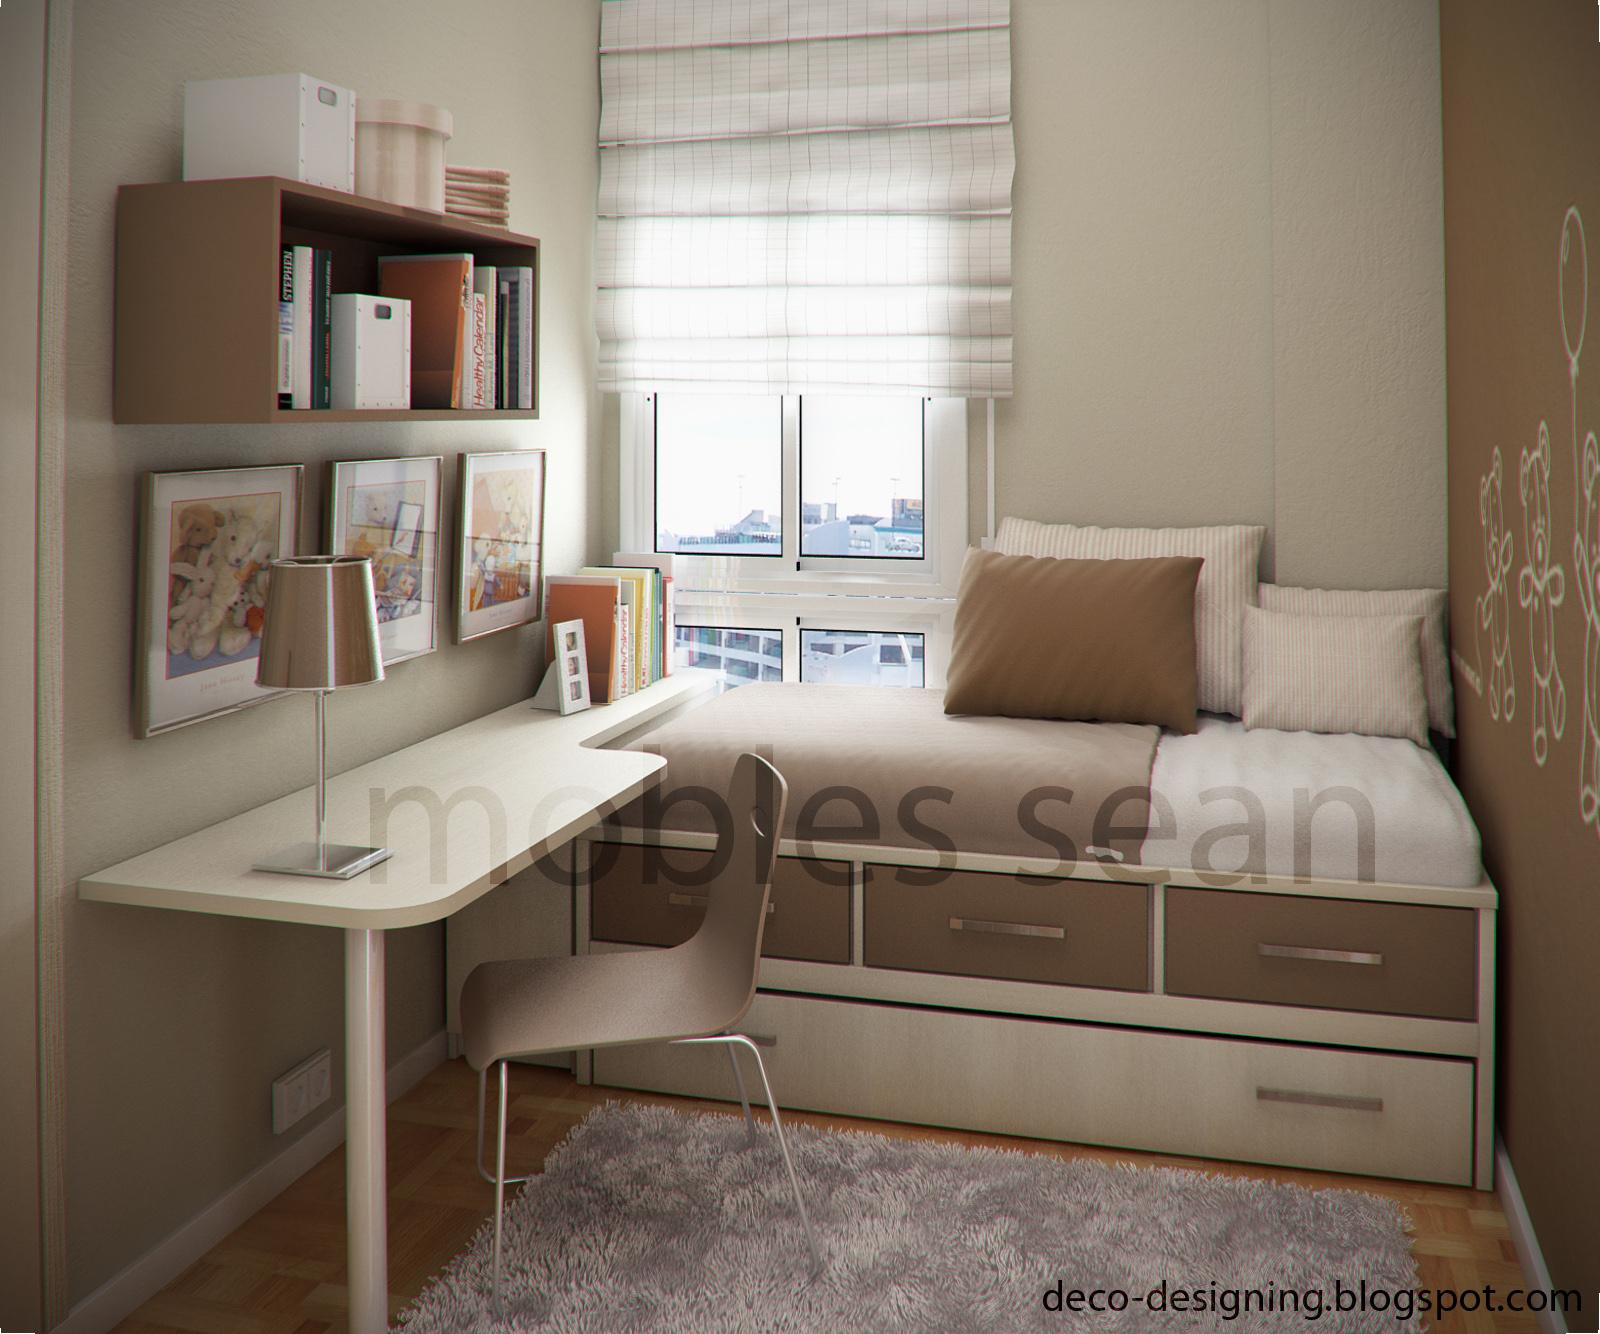 Designing de maig 2013 for Cama nido con cajones y escritorio